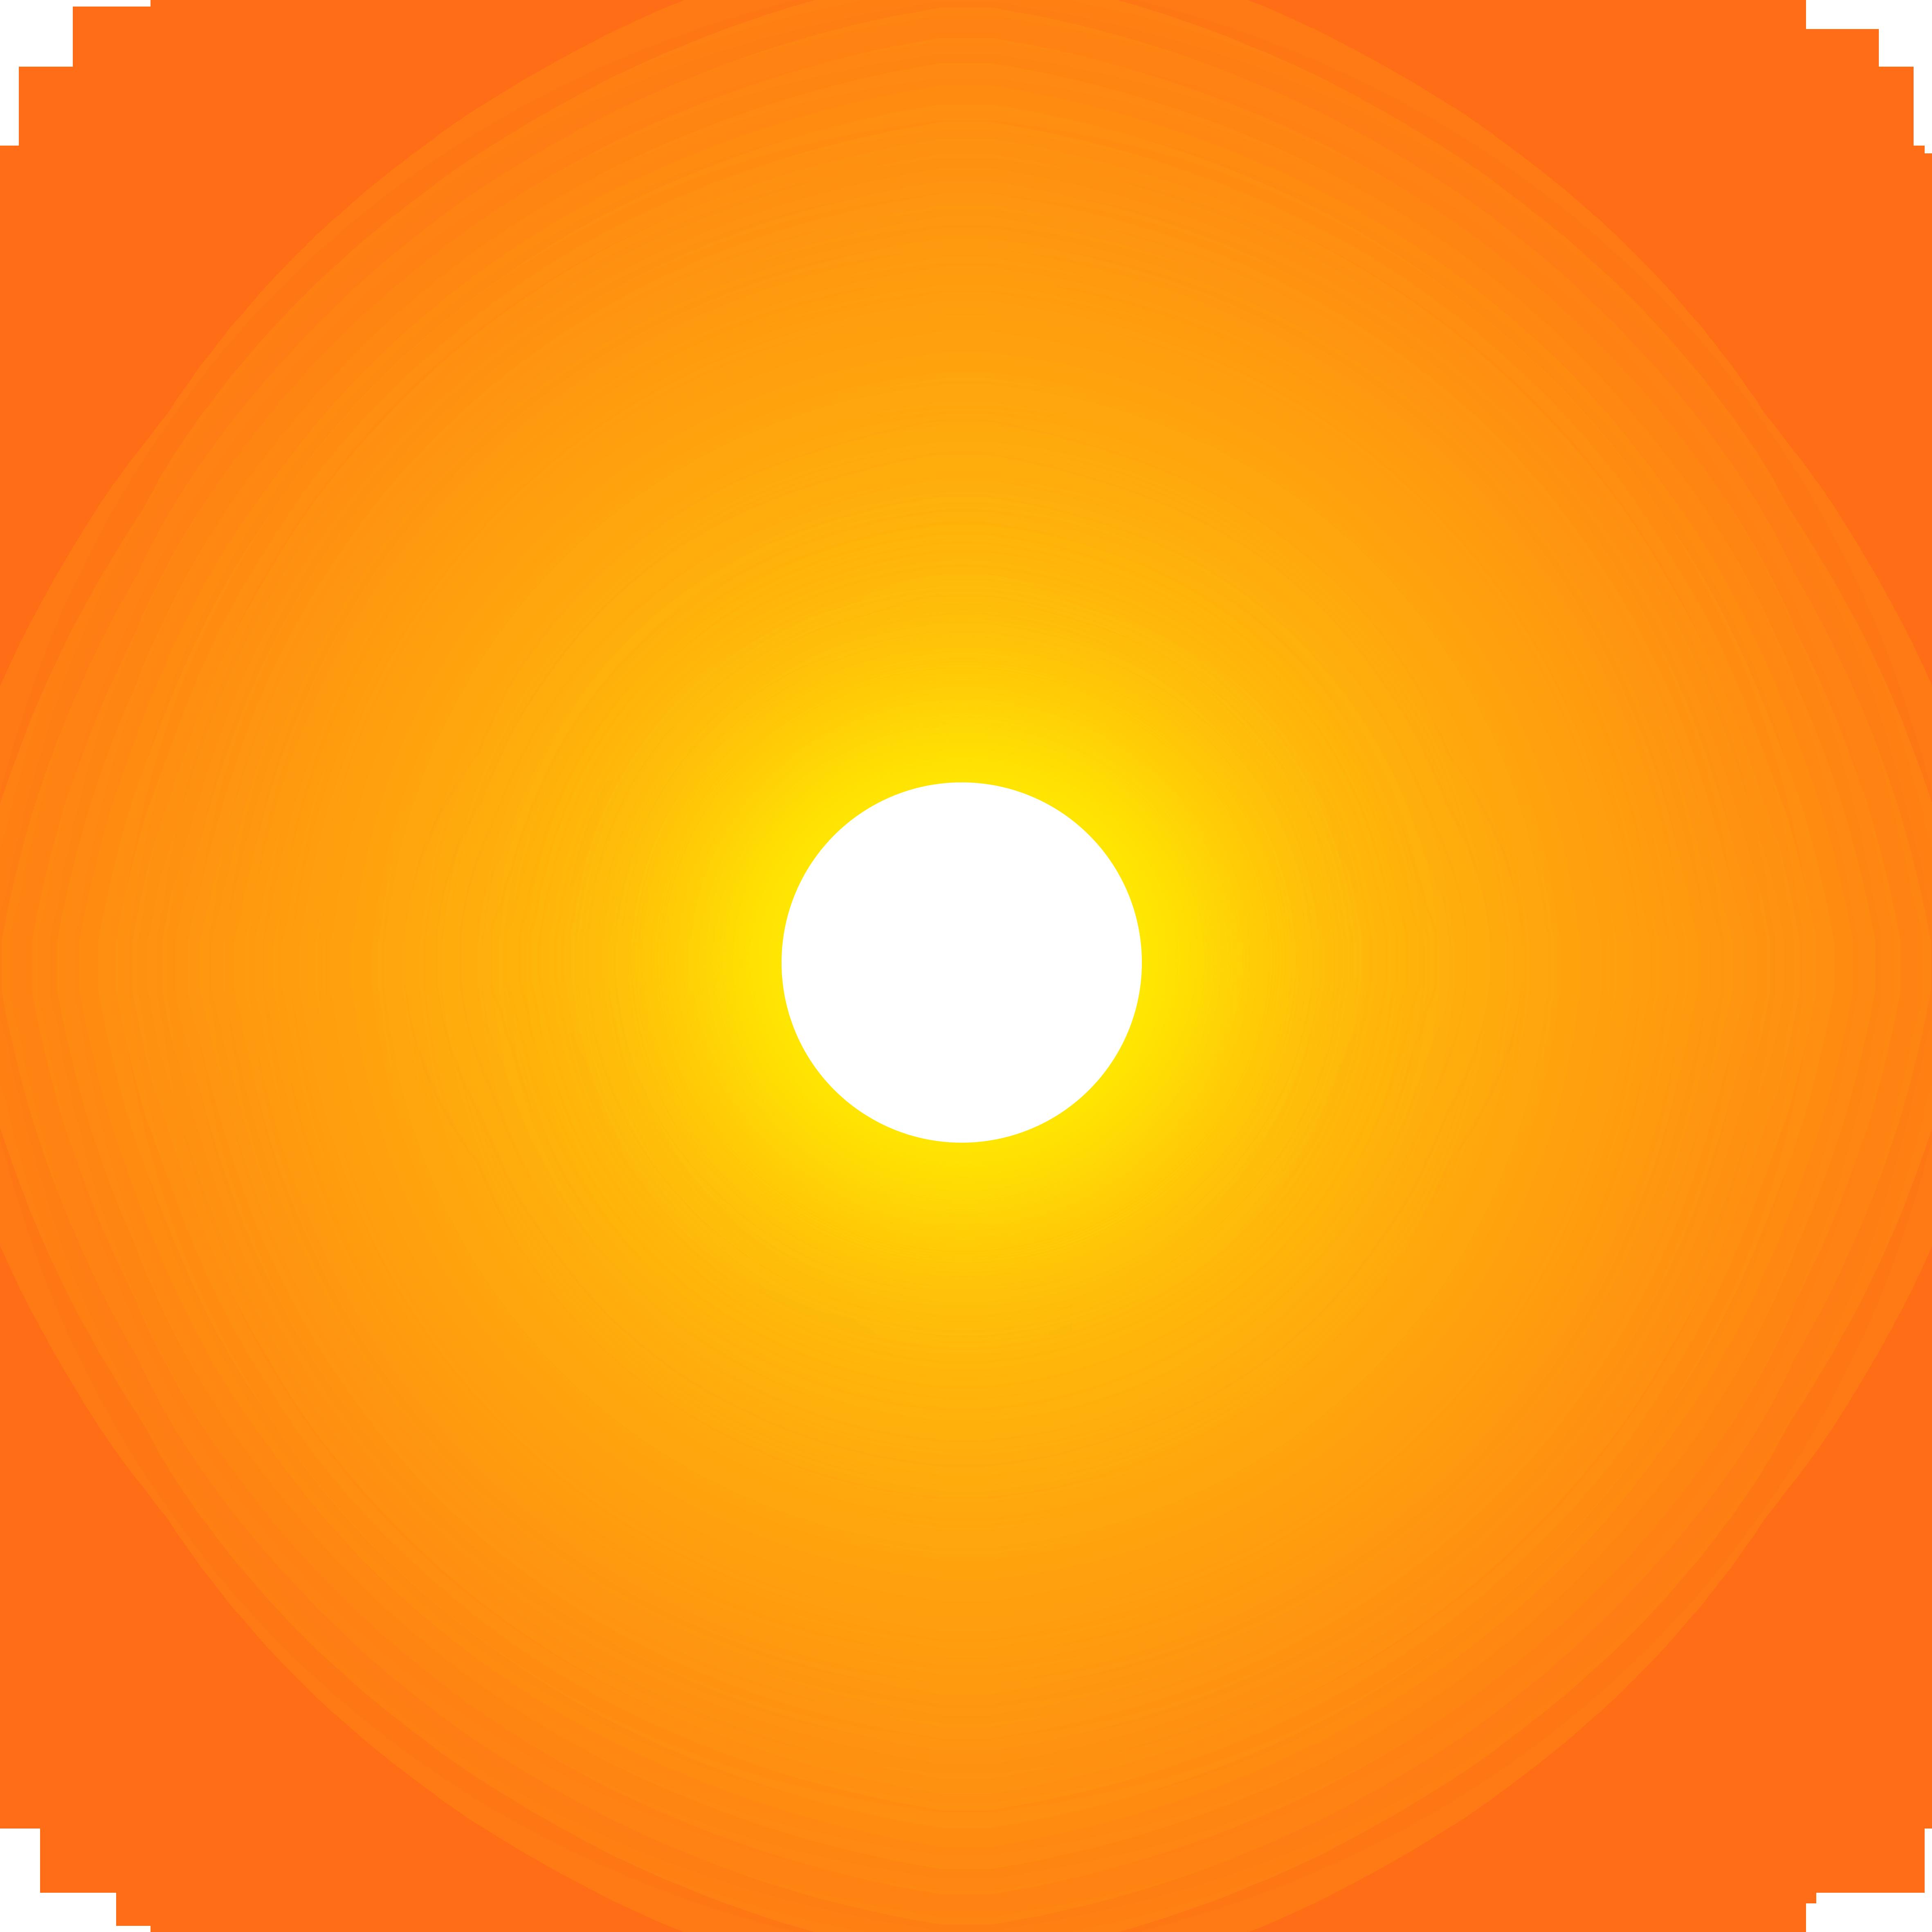 Clipart sunshine file. Png transparentpng